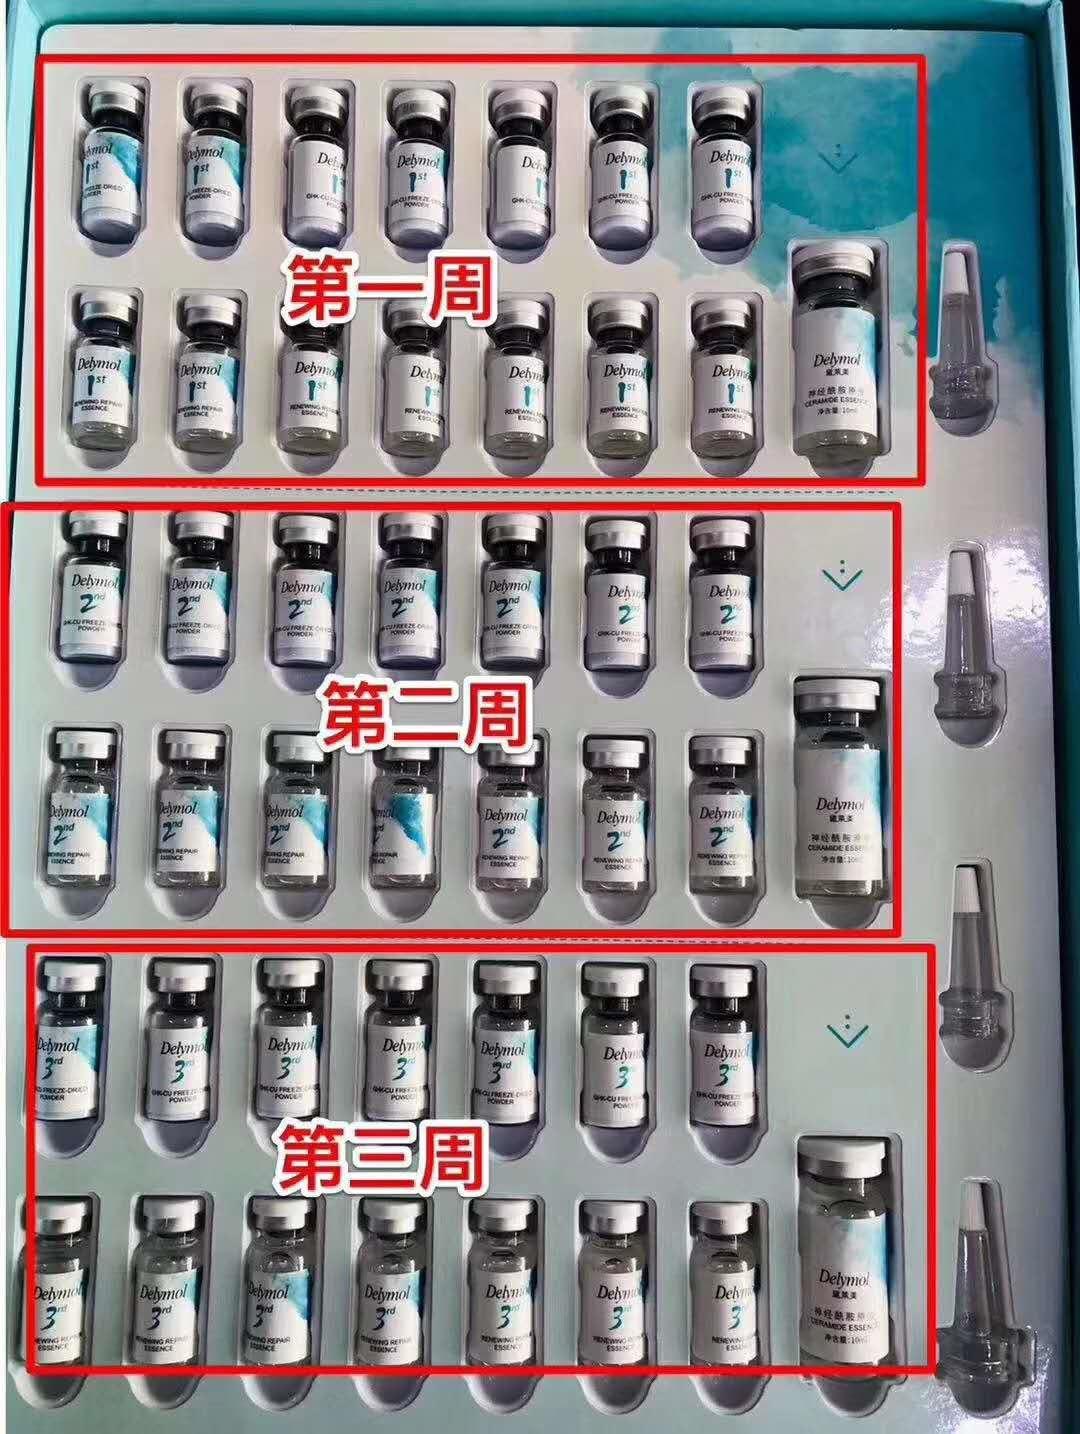 黛莱美蓝铜肽冻干粉作用及效果—为美丽打Call插图(2)